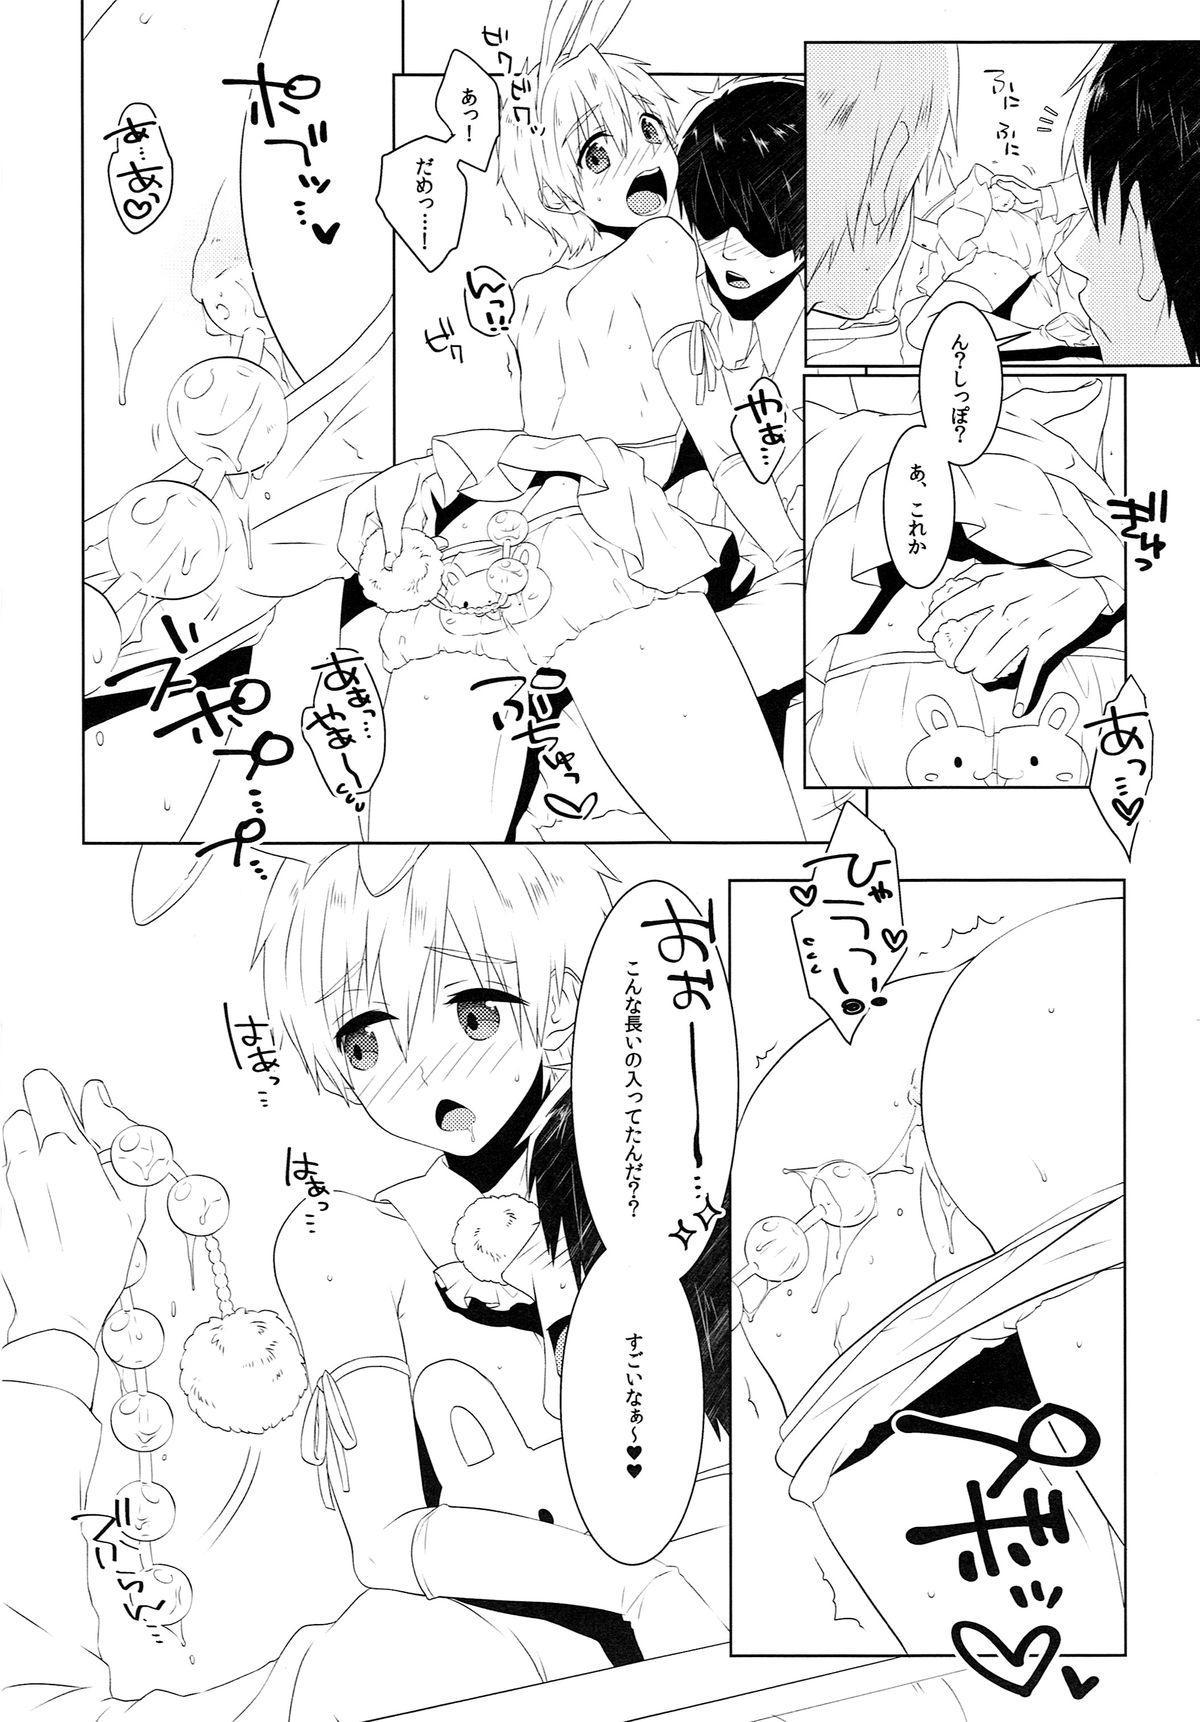 Gochuumon wa ○○○ desu ka? 8